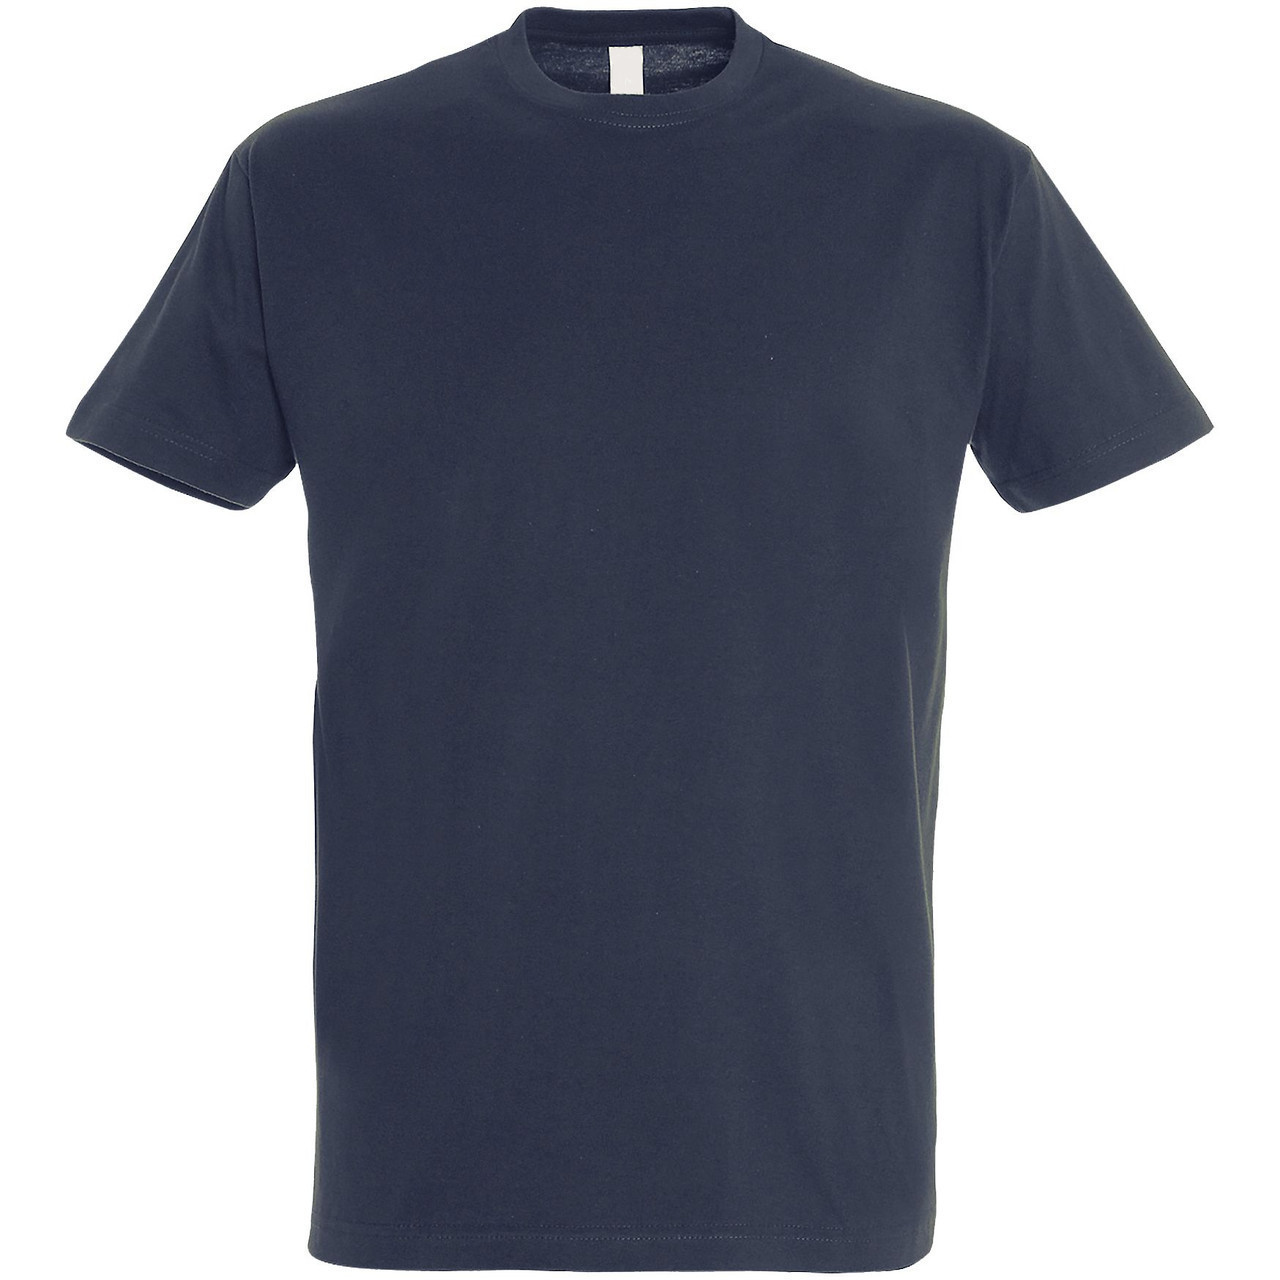 Oднотонная футболка | Темно-синяя | 160 гр. | L